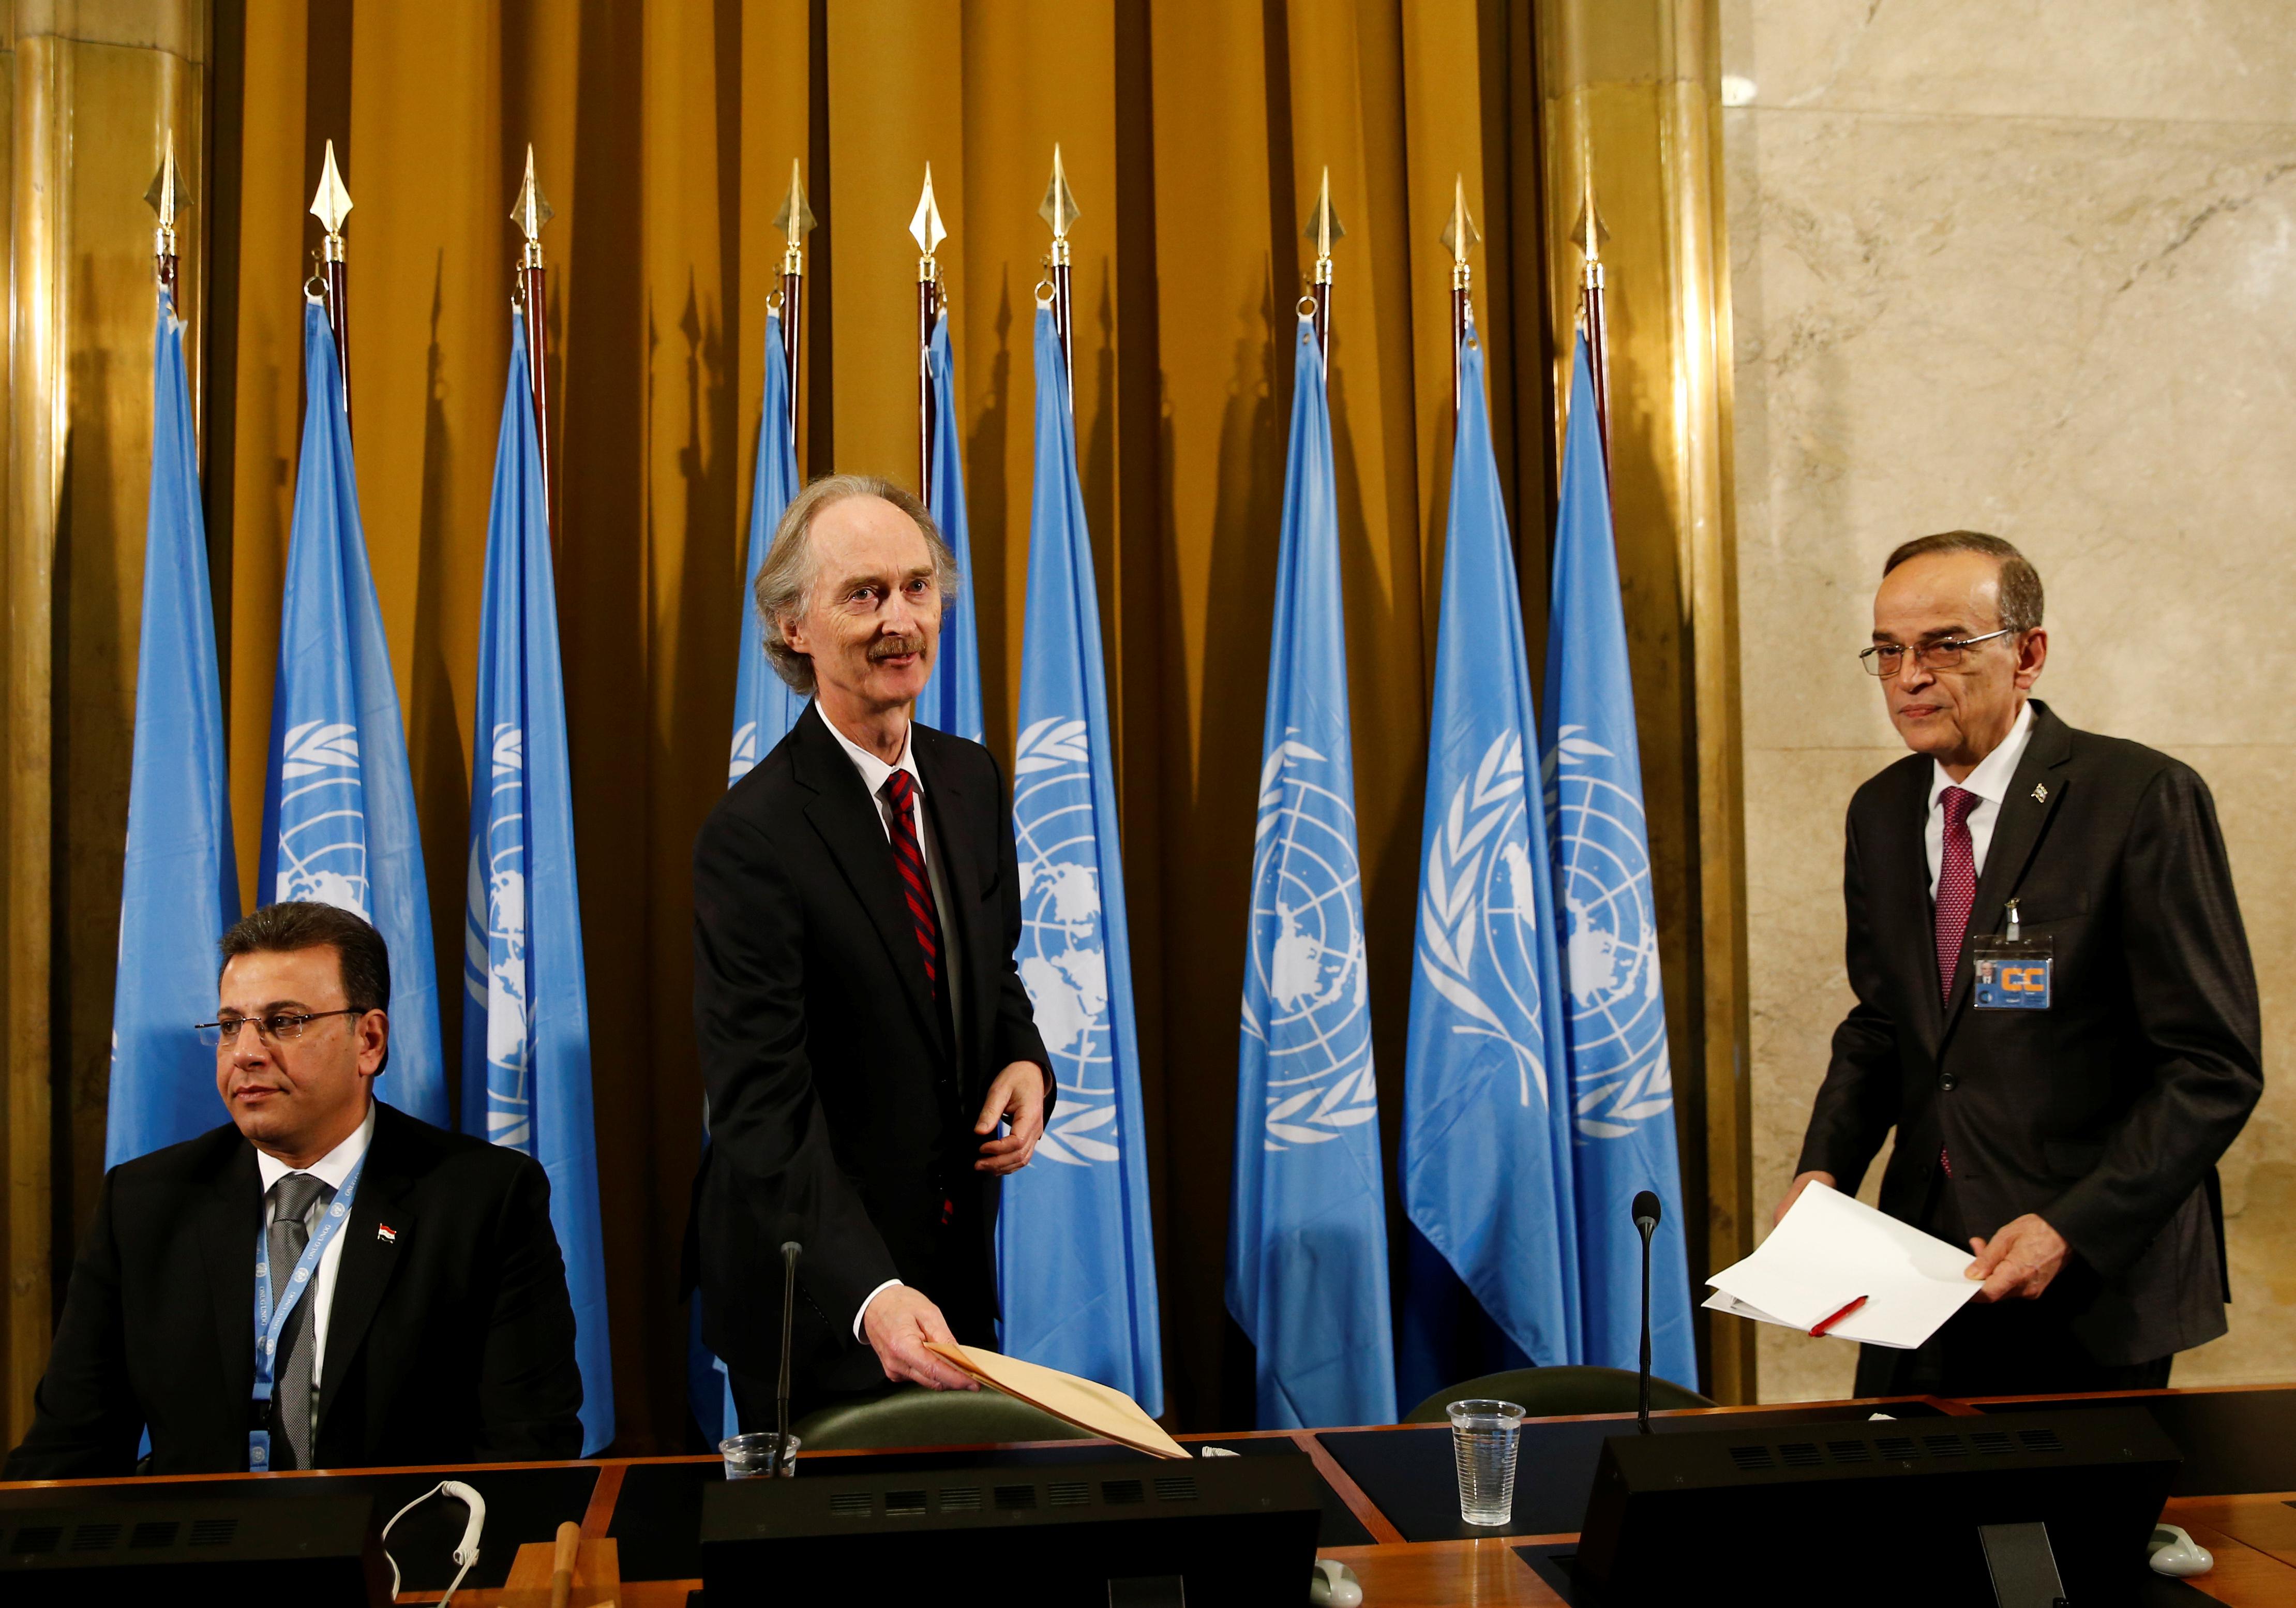 Συρία: Στο ίδιο τραπέζι κυβέρνηση και αντιπολίτευση μετά από 8,5 χρόνια εμφύλιου σπαραγμού